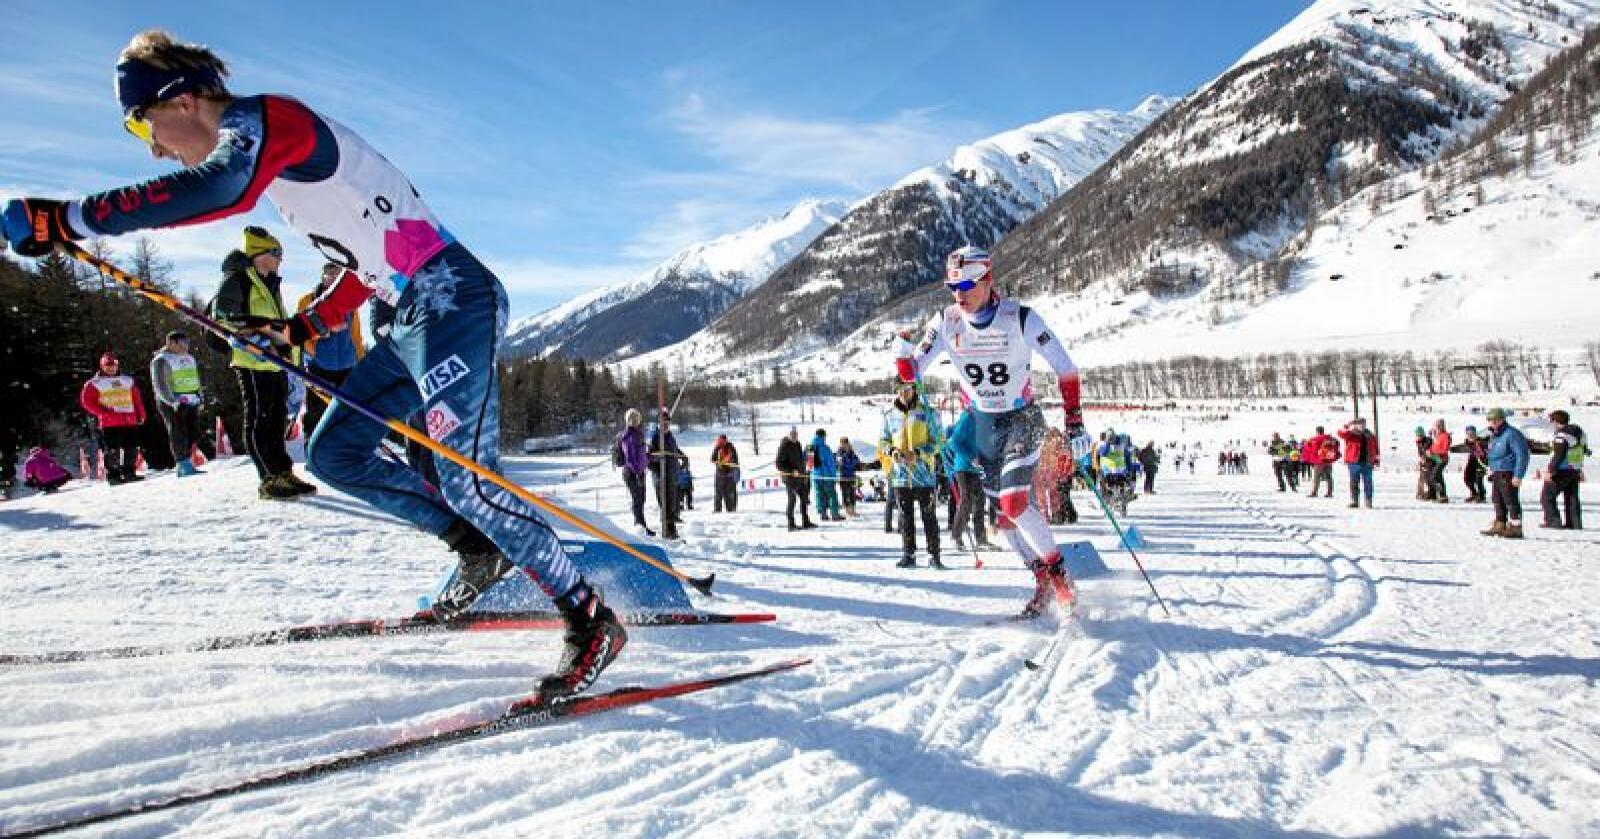 Kombinert: Det bør bli mulig å kombinere idrett og yrkesfag. Foto:  Ørjan Ellingvåg/NTB scanpix